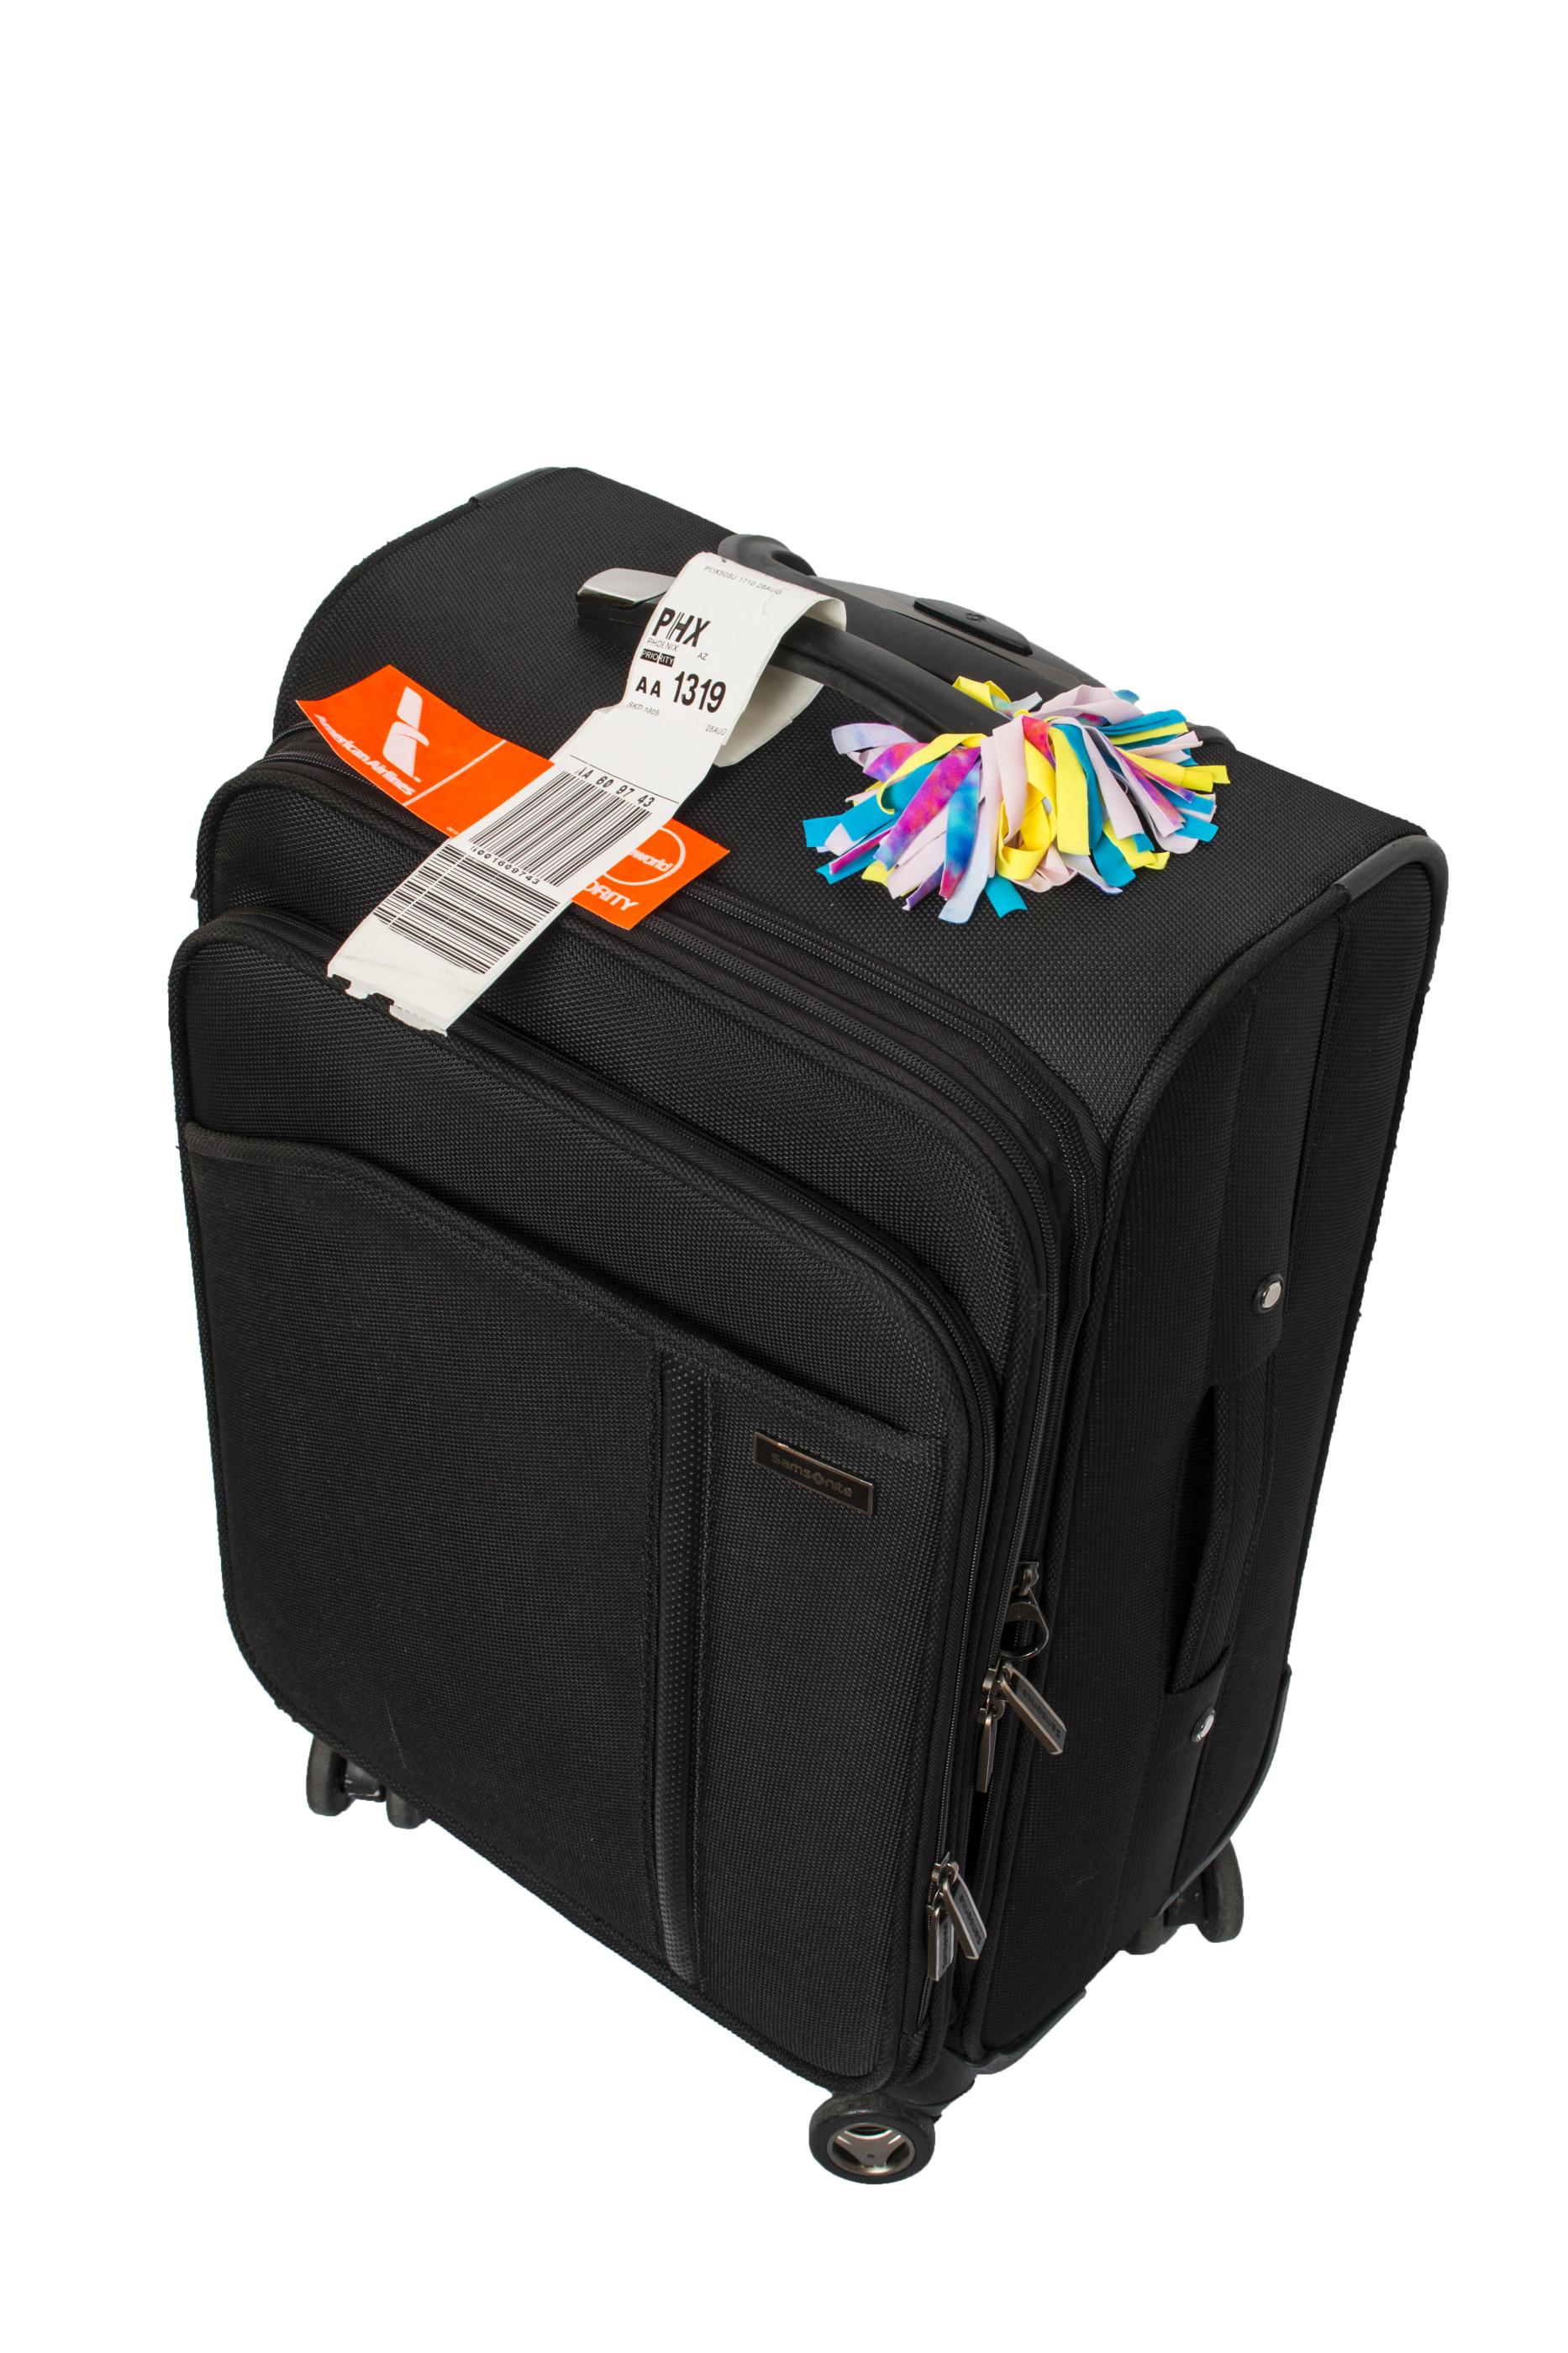 Din väska syns!